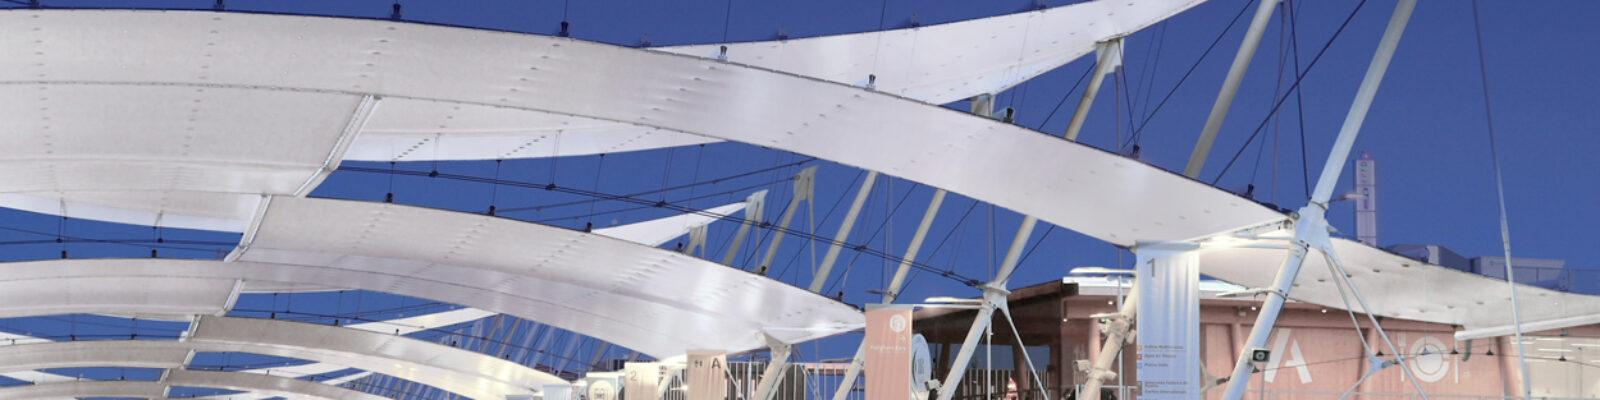 Expo 2015 in Milan Lighting Masterplan